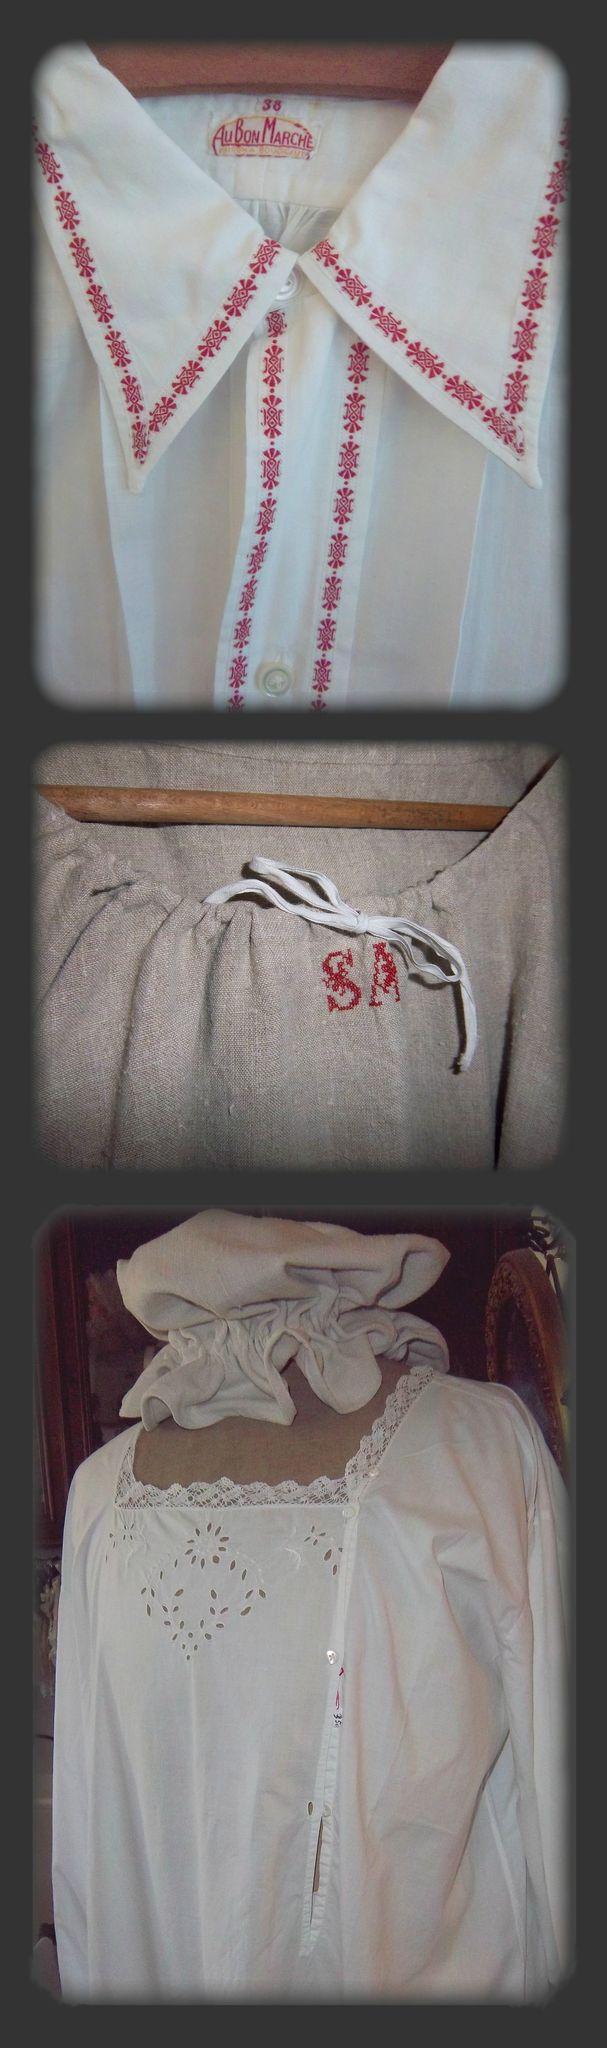 dans les armoires de grands-mères